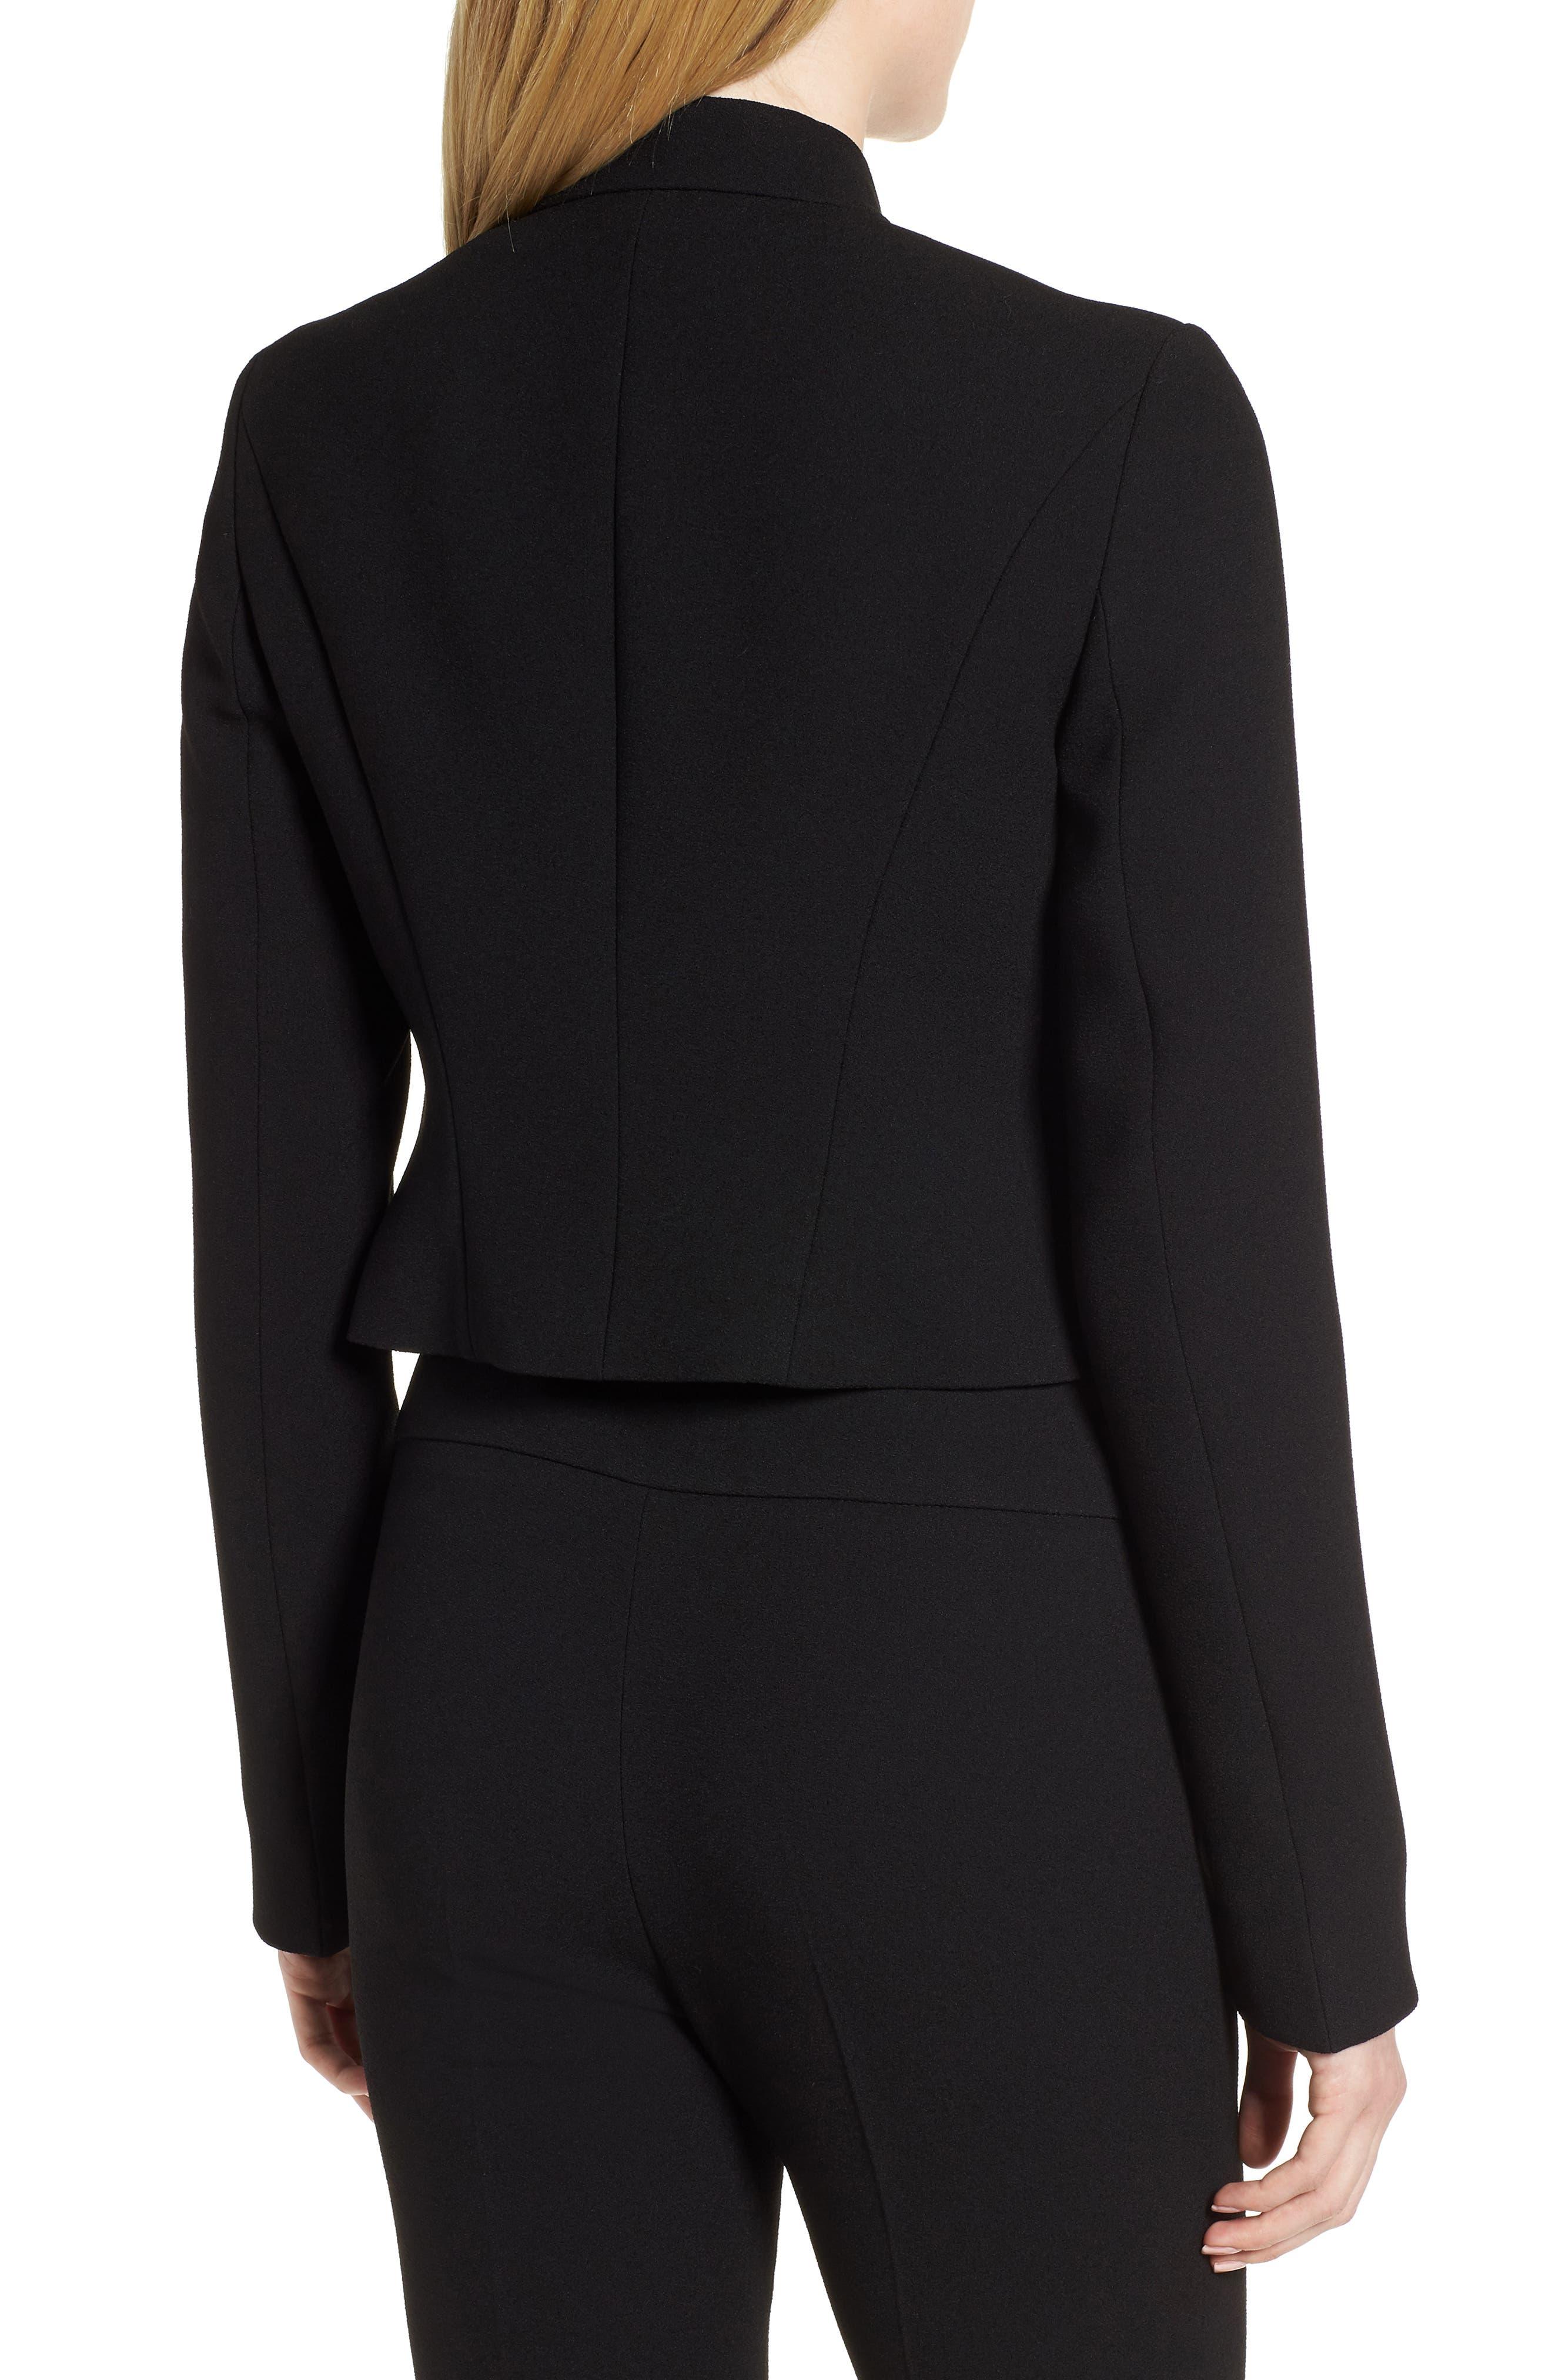 Jisala Compact Crepe Crop Jacket,                             Alternate thumbnail 2, color,                             Black